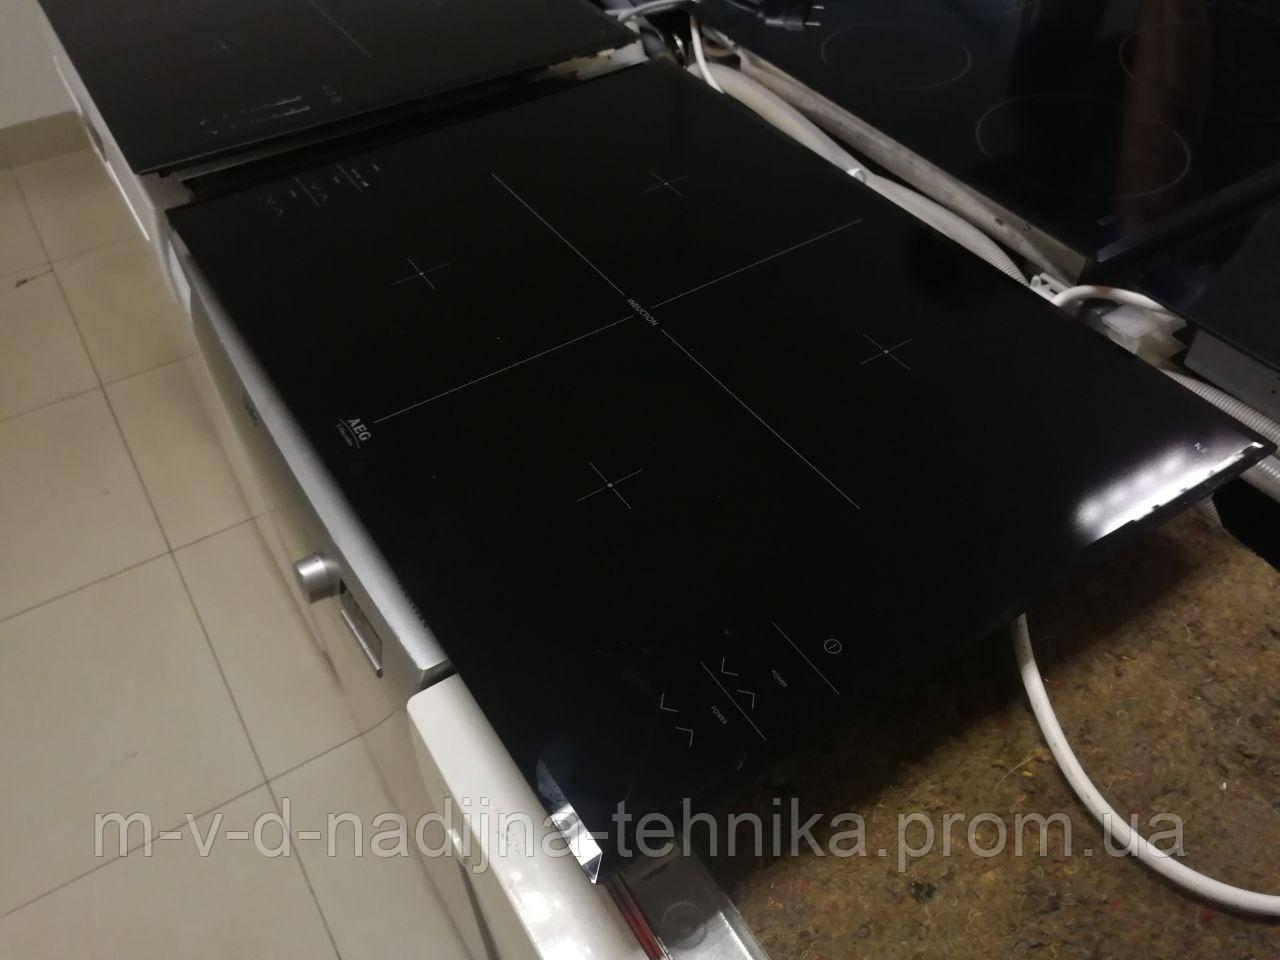 Б/у Индукционная плита/варочная поверхня AEG ГАРАНТІЯ/ДОСТАВКА